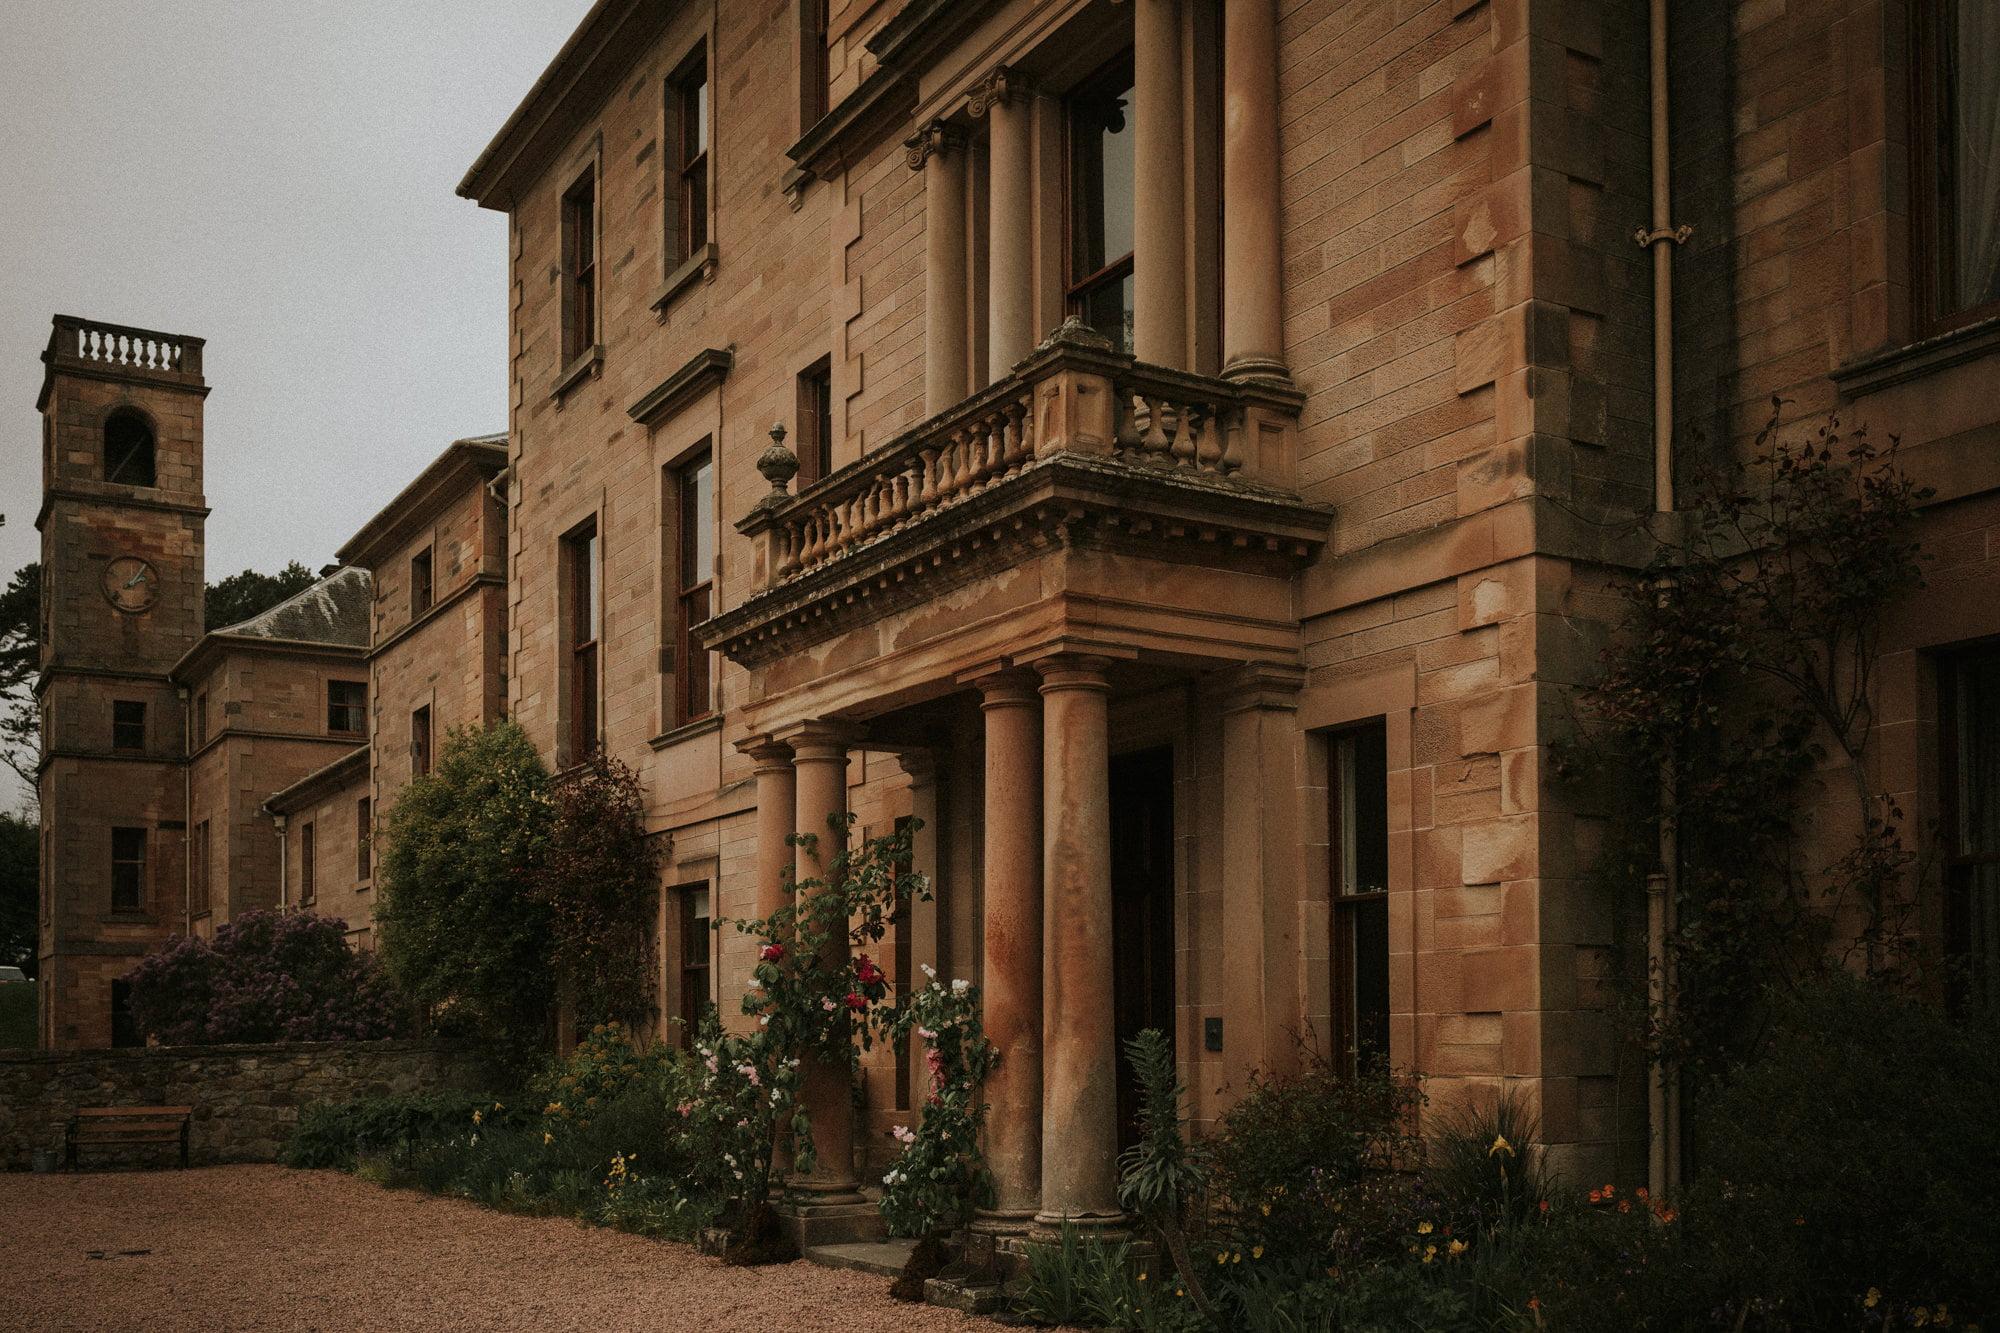 Cambo Estate Wedding Venue in Fife, Scotland